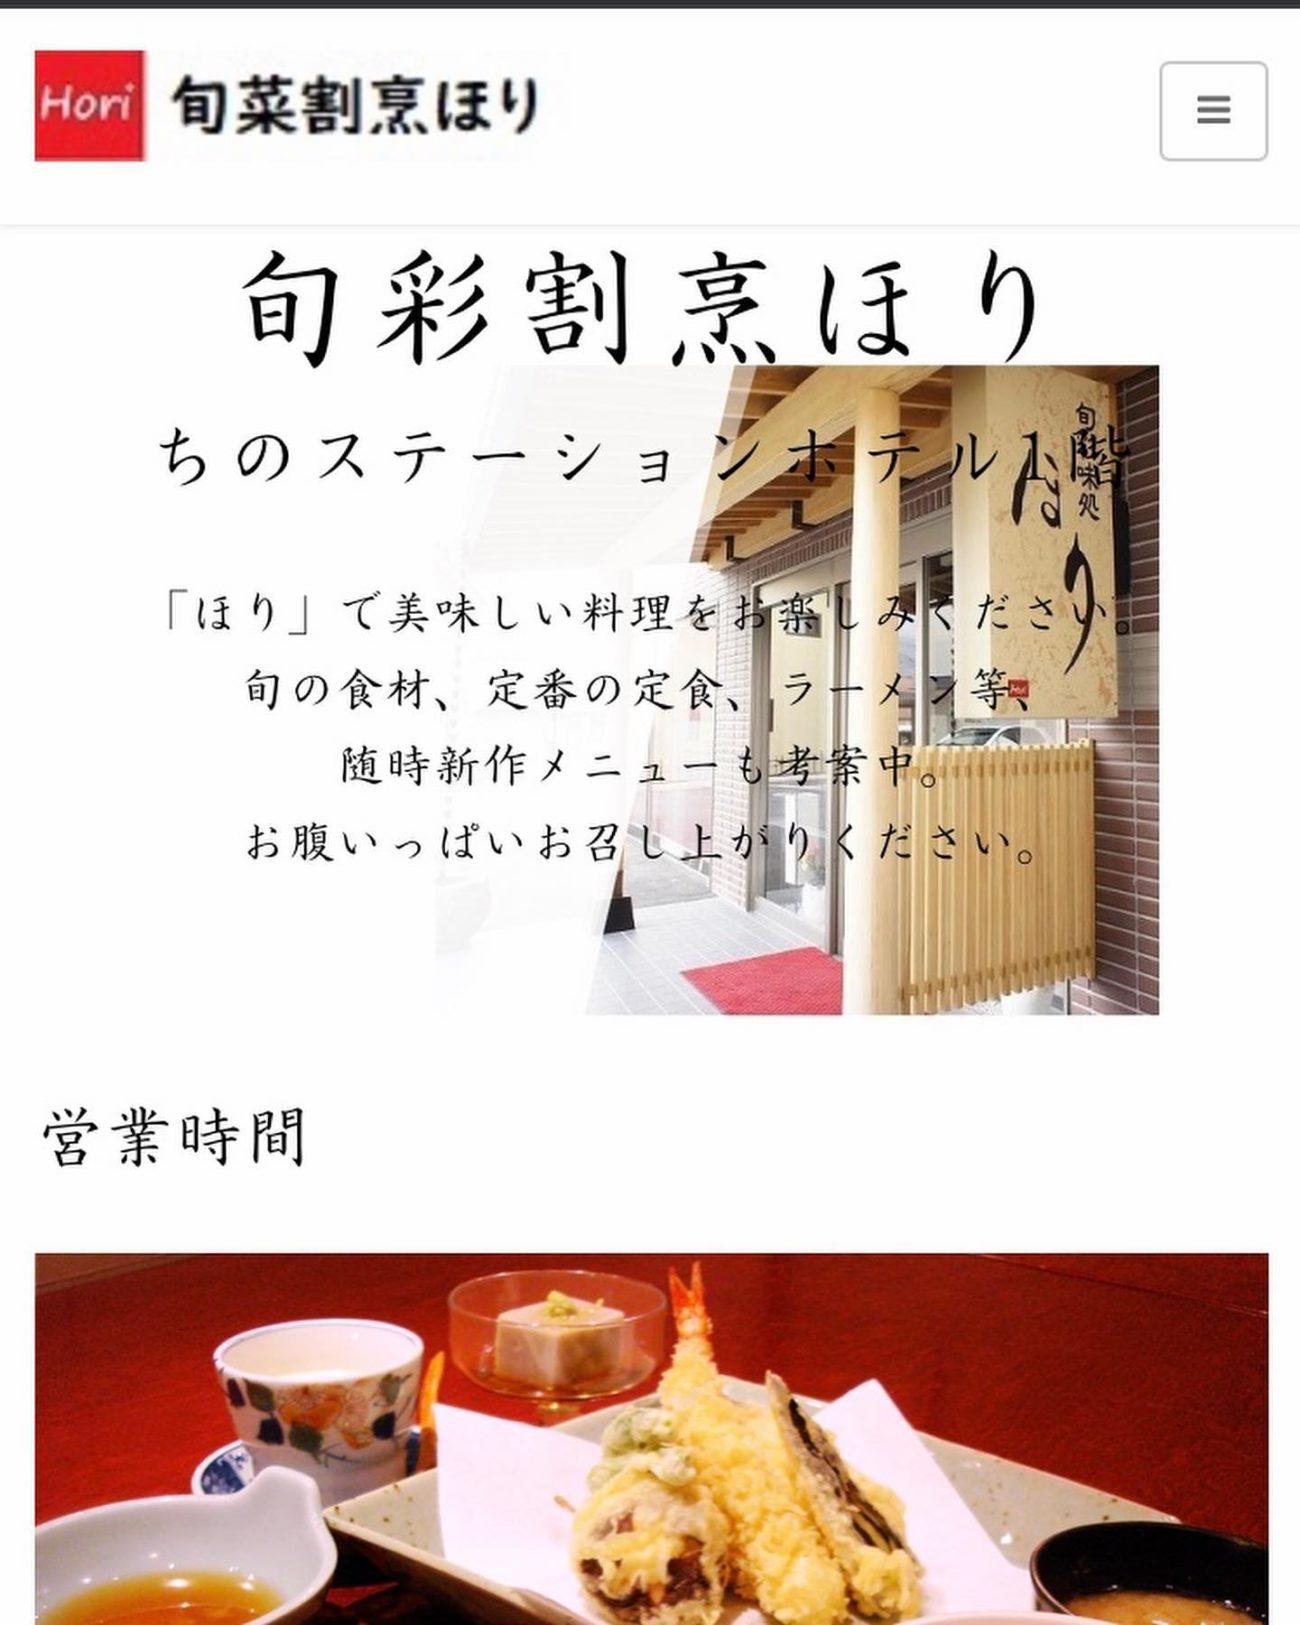 アビエス2020パートナー紹介-旬菜割烹ほり-メッセージ